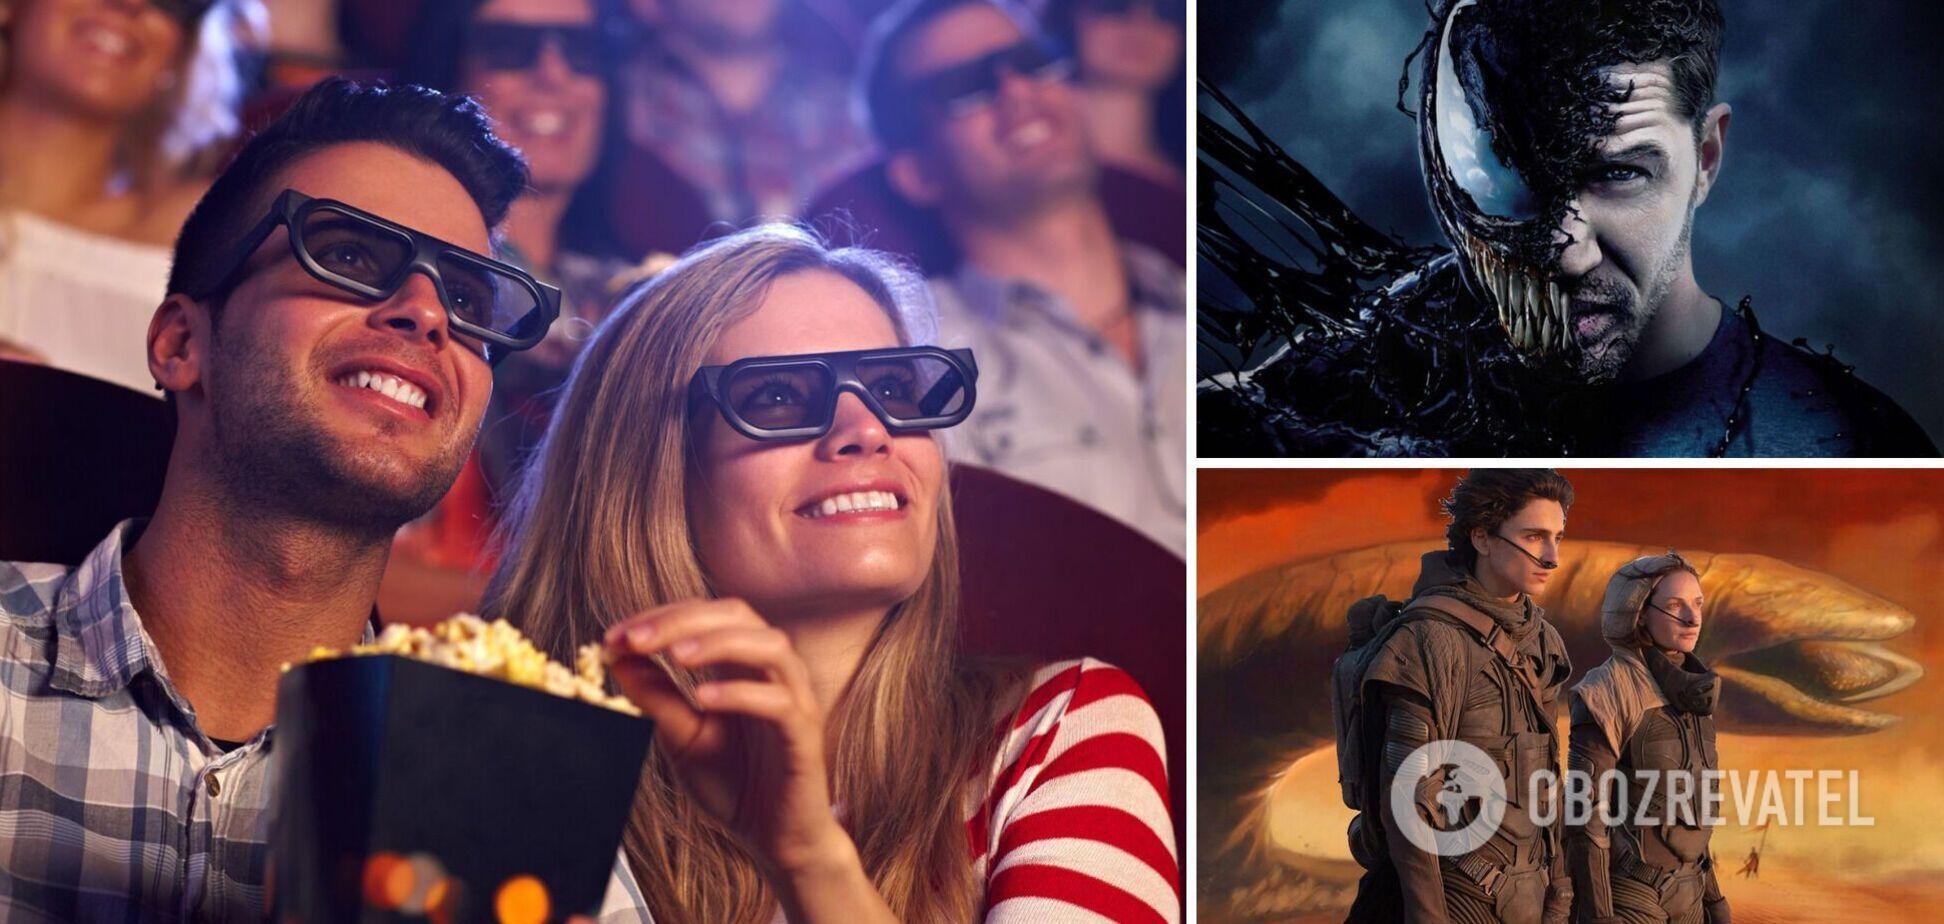 Самые ожидаемые фильмы осени 2021: что покажут в кинотеатрах Украины